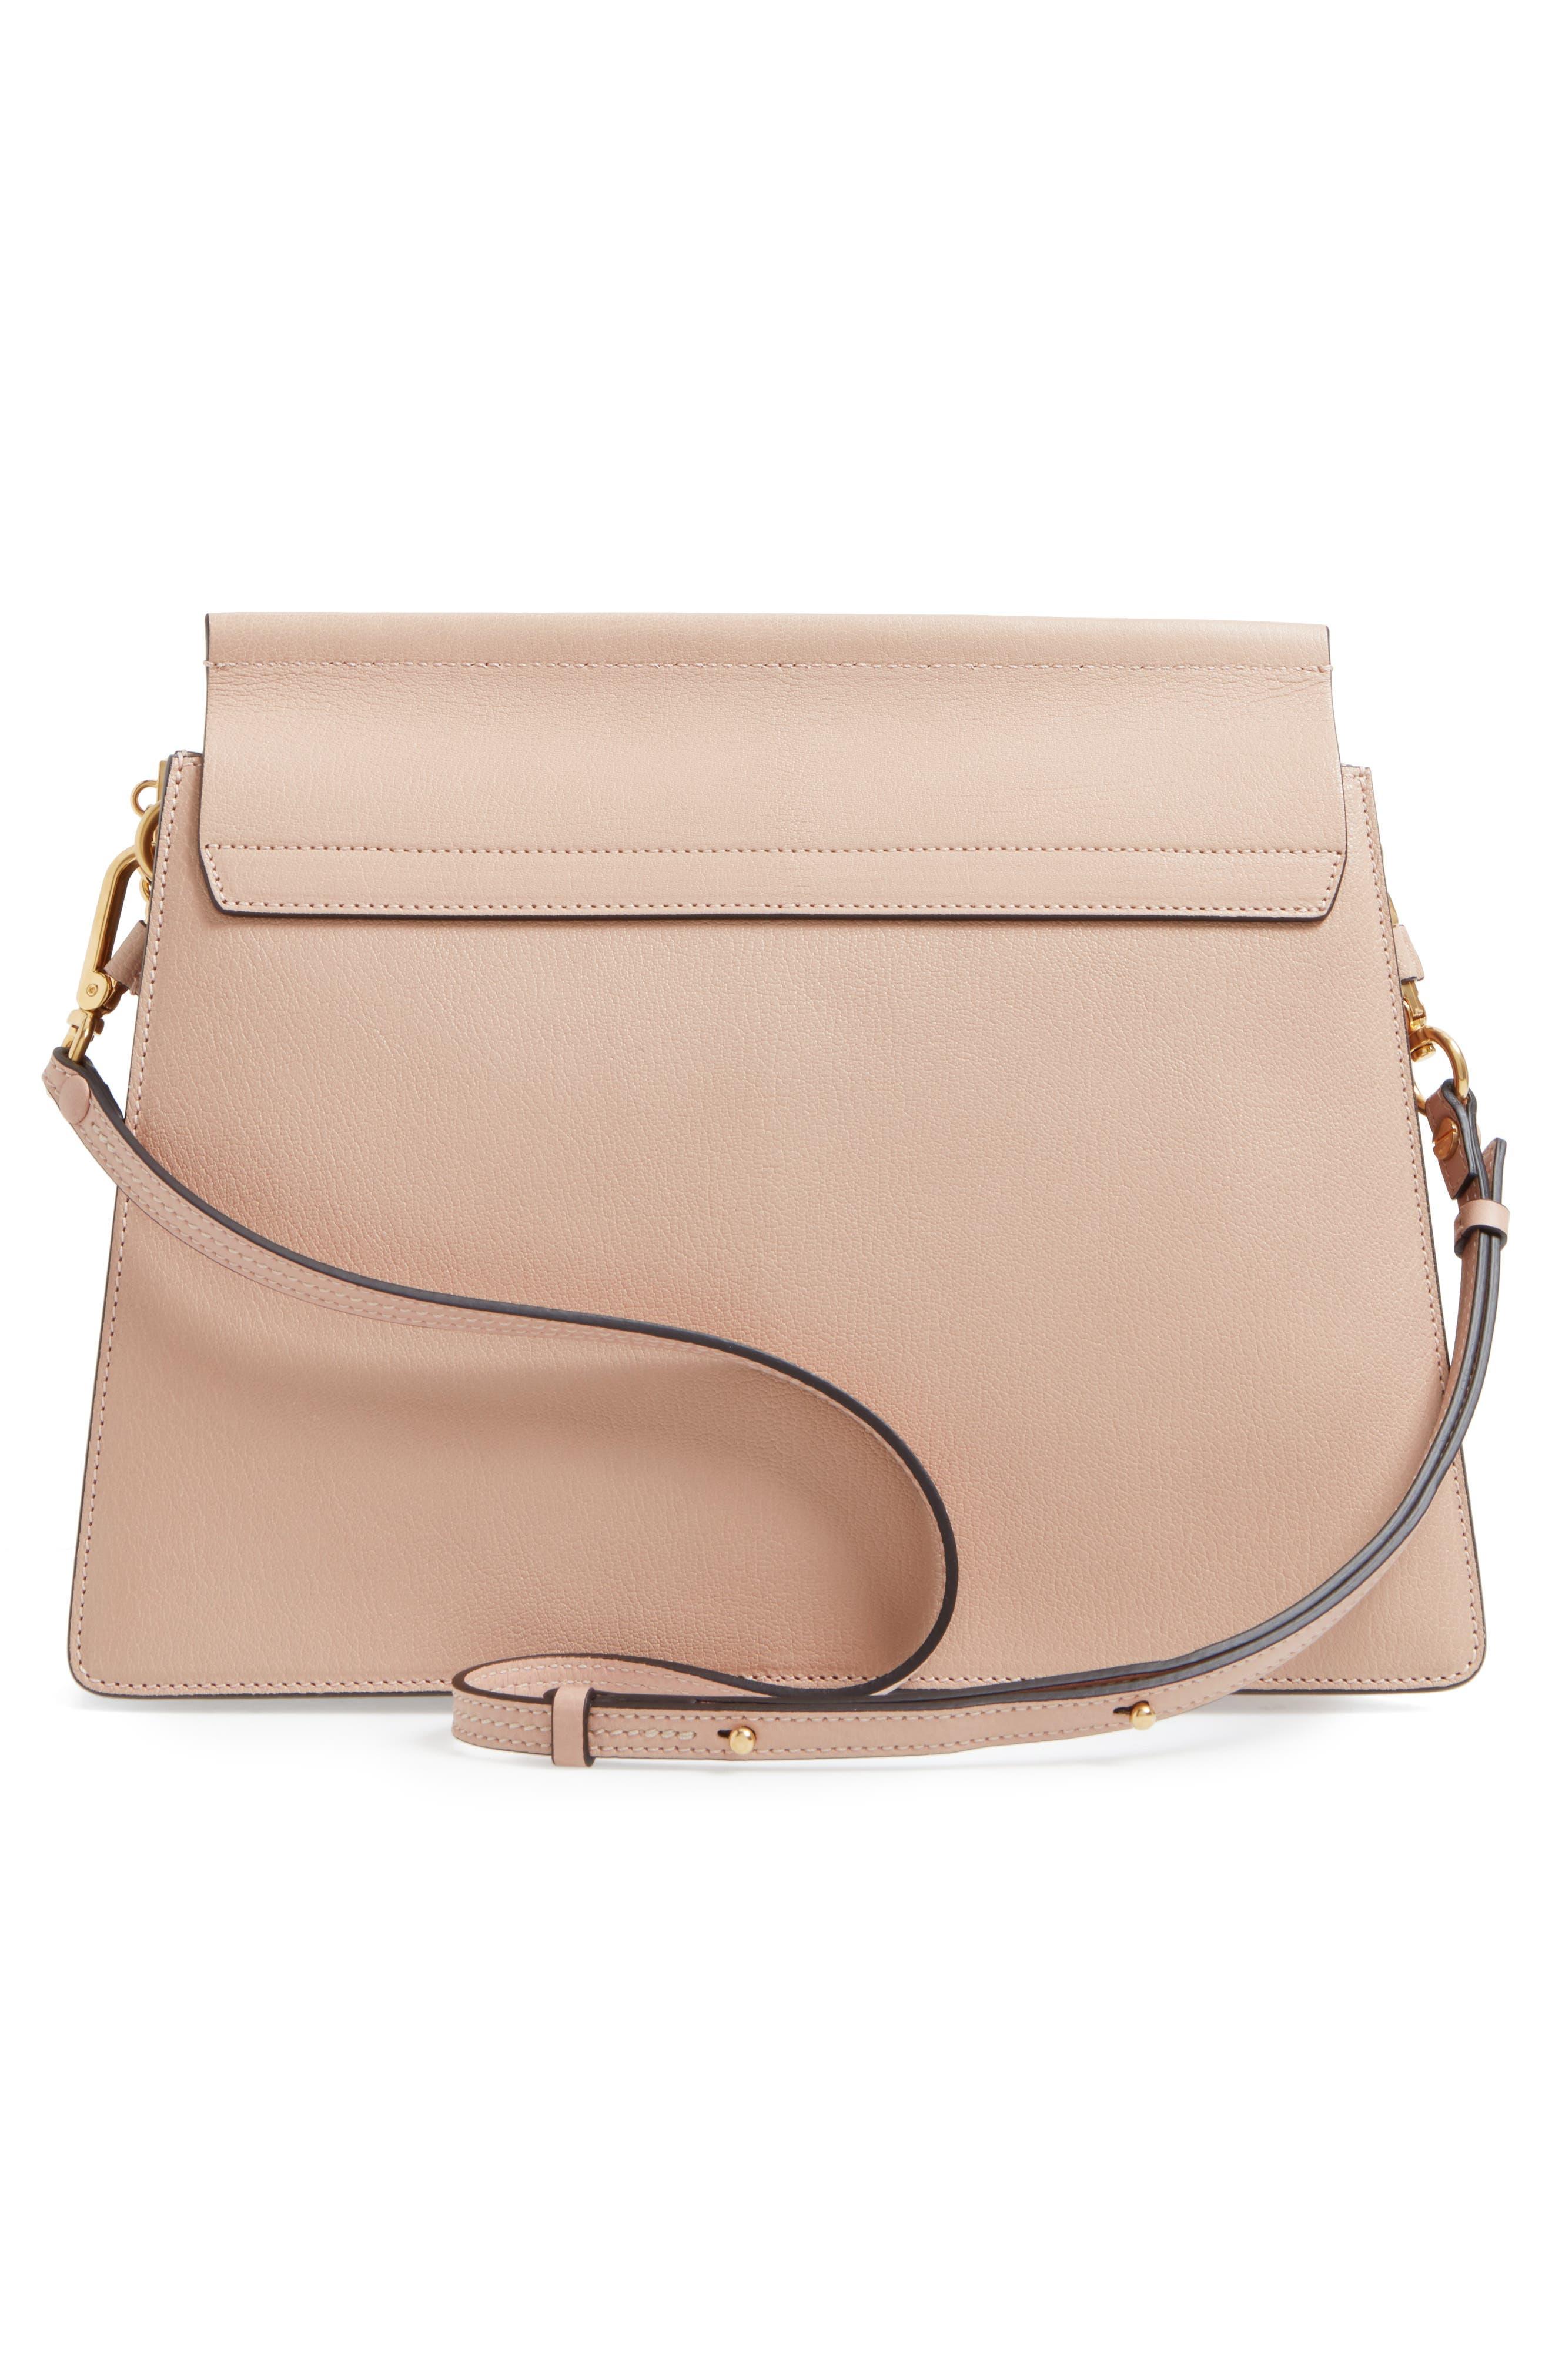 Alternate Image 3  - Chloé Faye Goatskin Leather Shoulder Bag